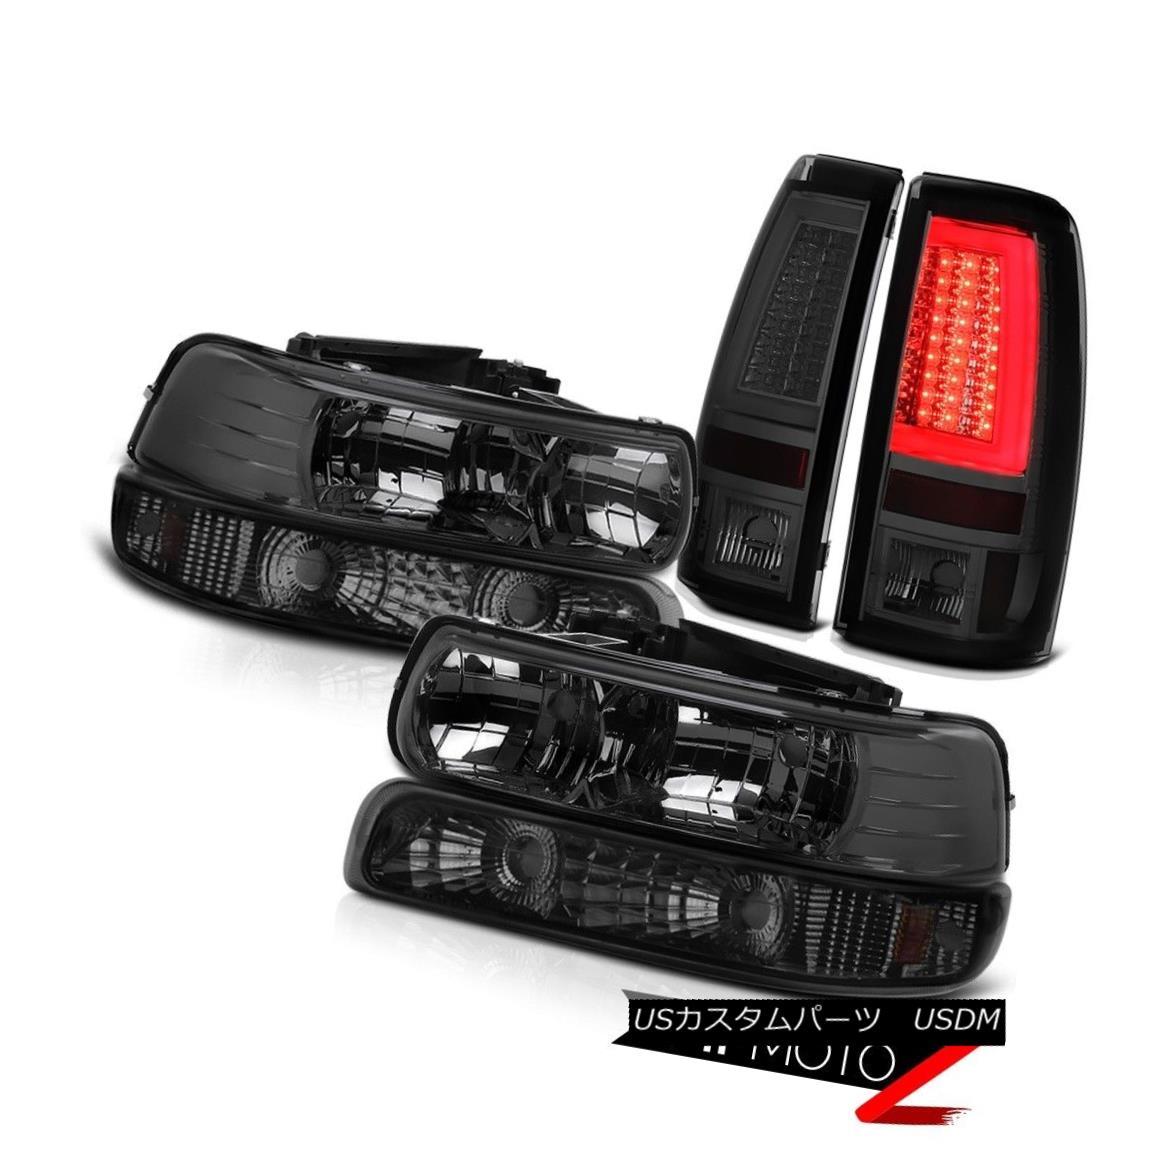 ヘッドライト 99-02 Silverado LTZ Taillamps Signal Light Headlights Crystal Lens